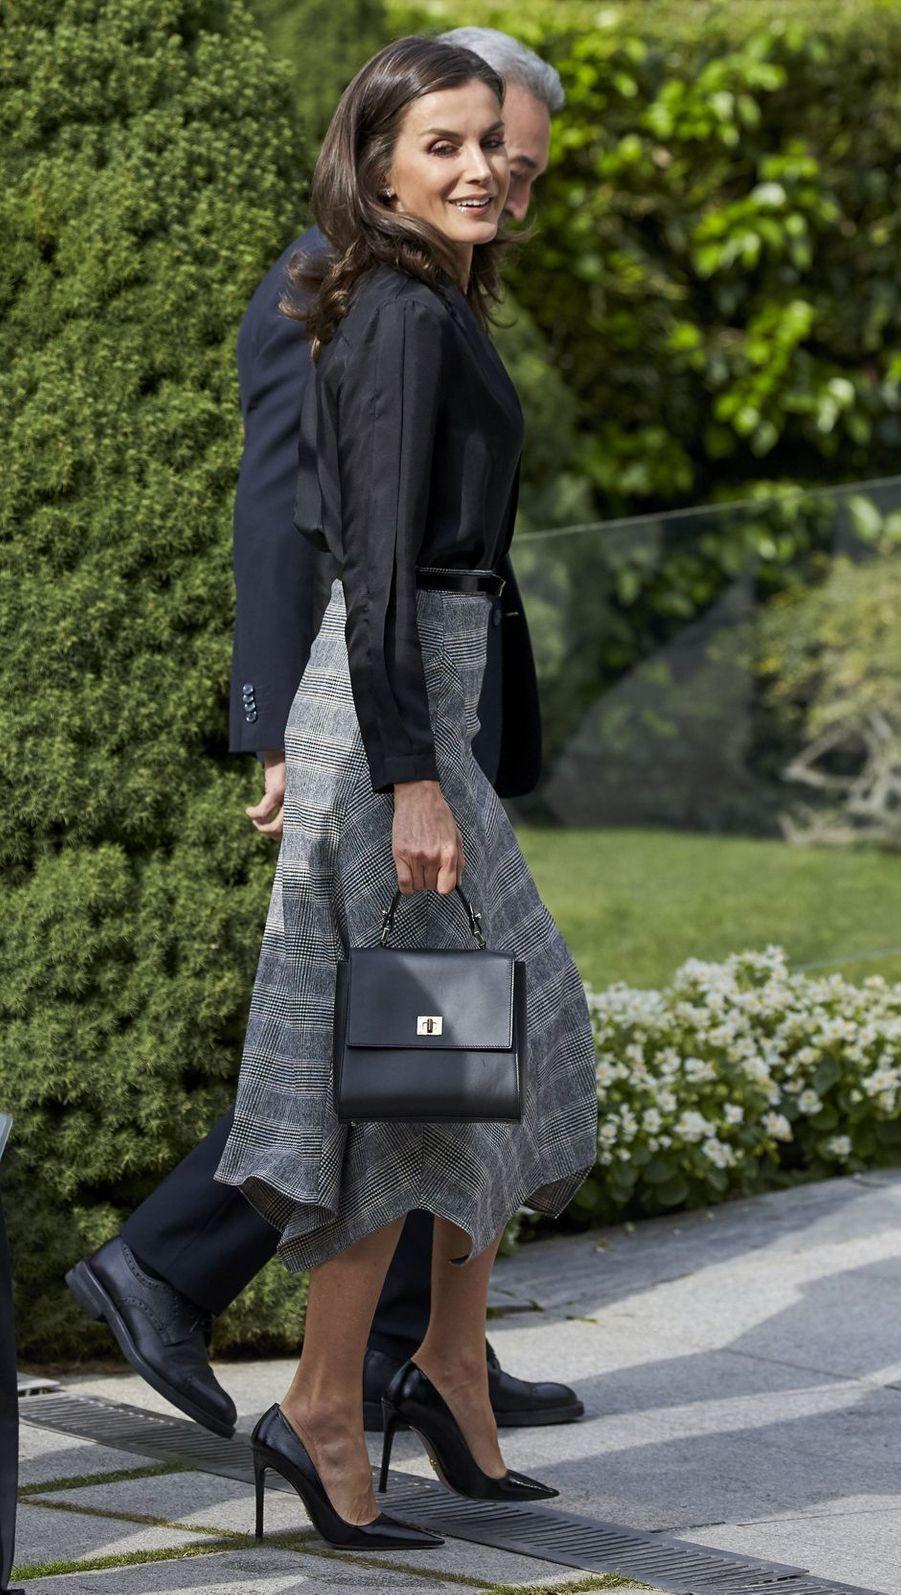 La reine Letizia d'Espagne dans une jupe Massimo Dutti à Madrid, le 30 octobre 2019